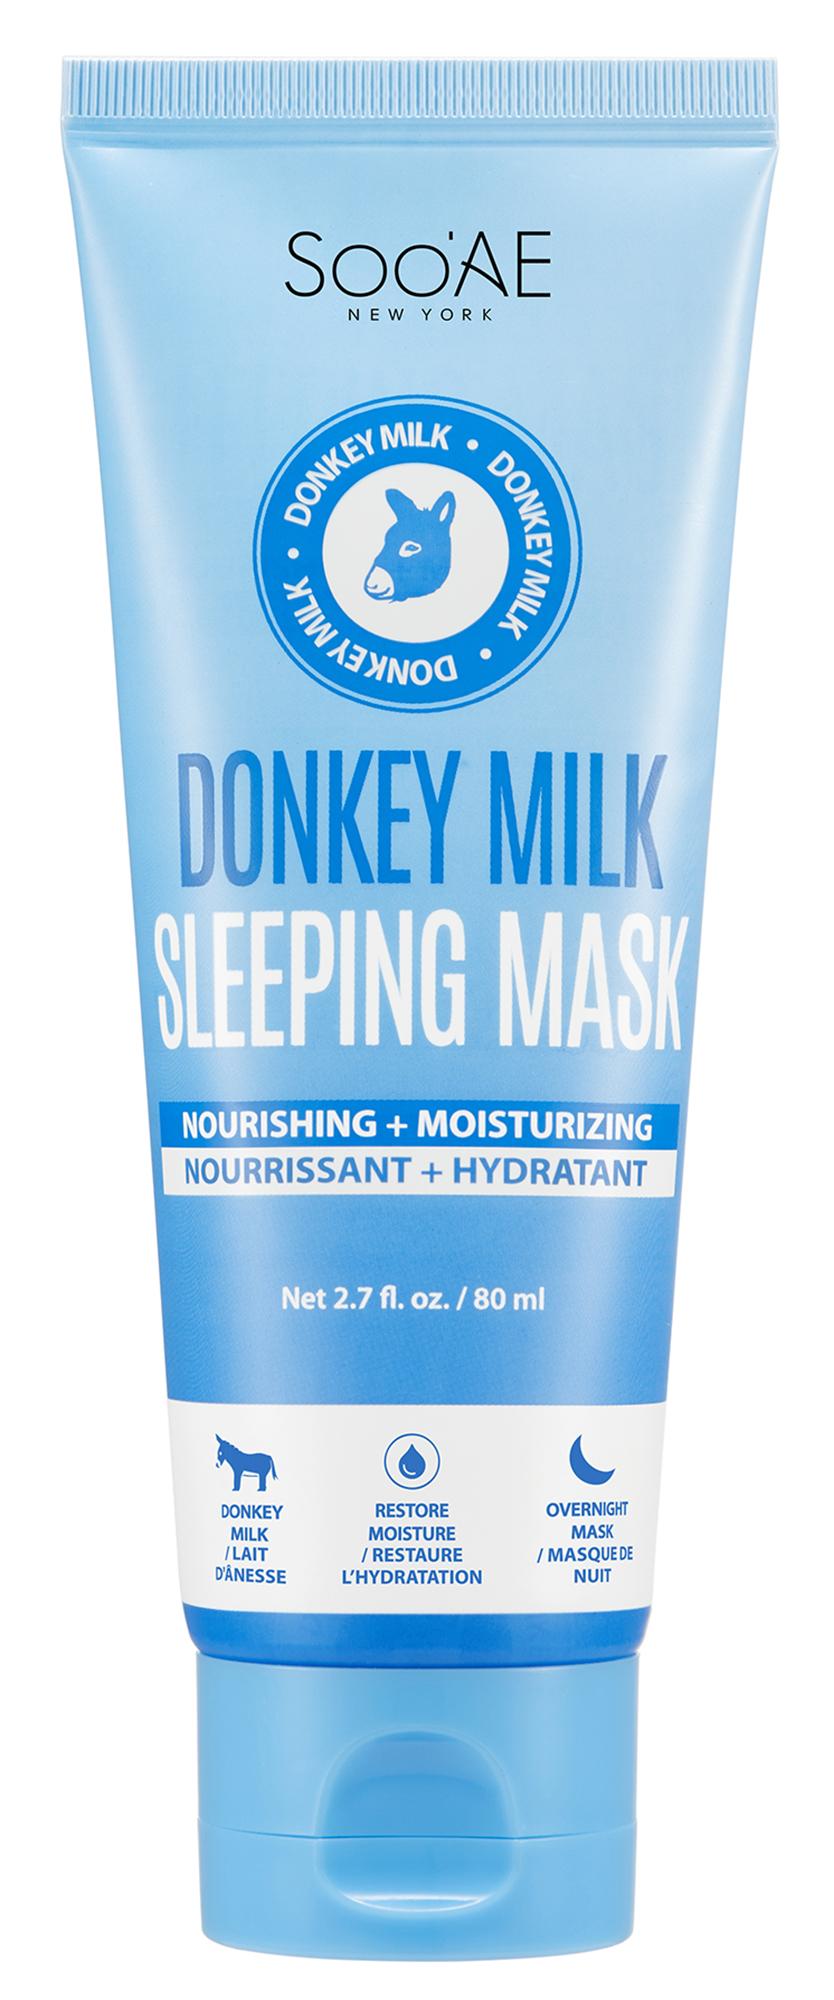 Soo'Ae Donkey Milk